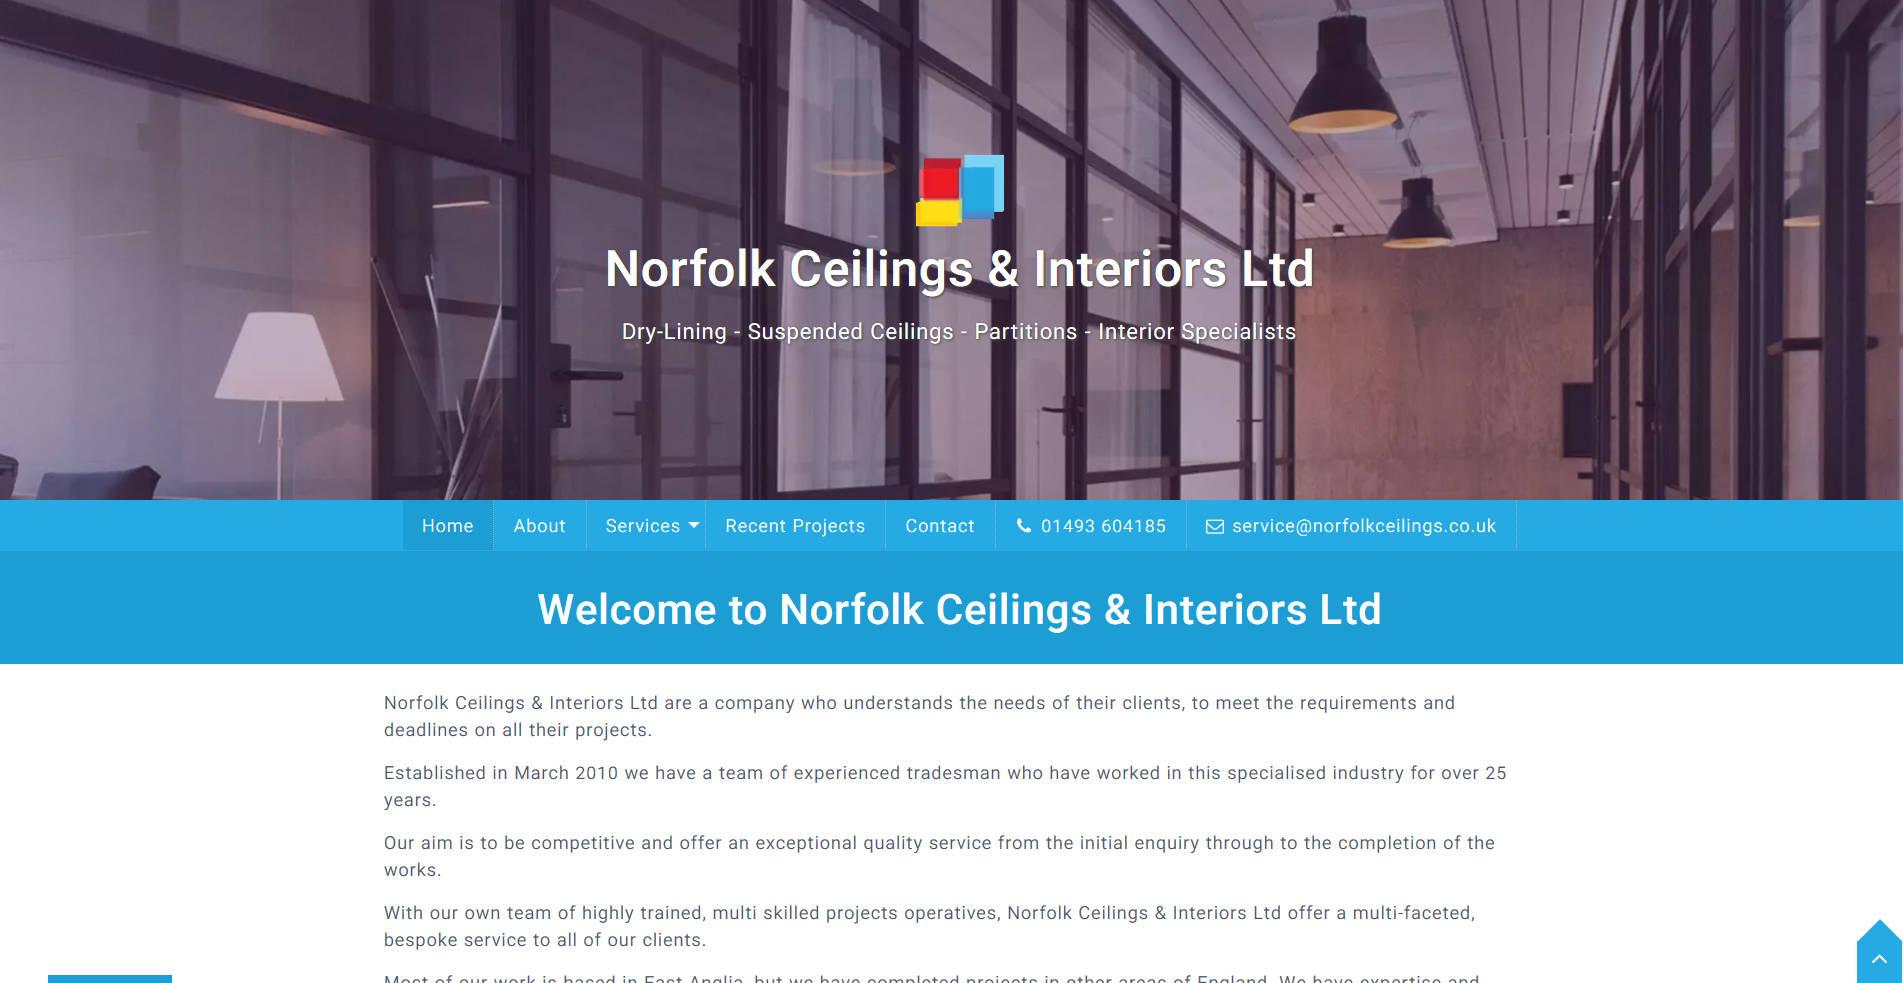 Norfolk Ceilings & Interiors